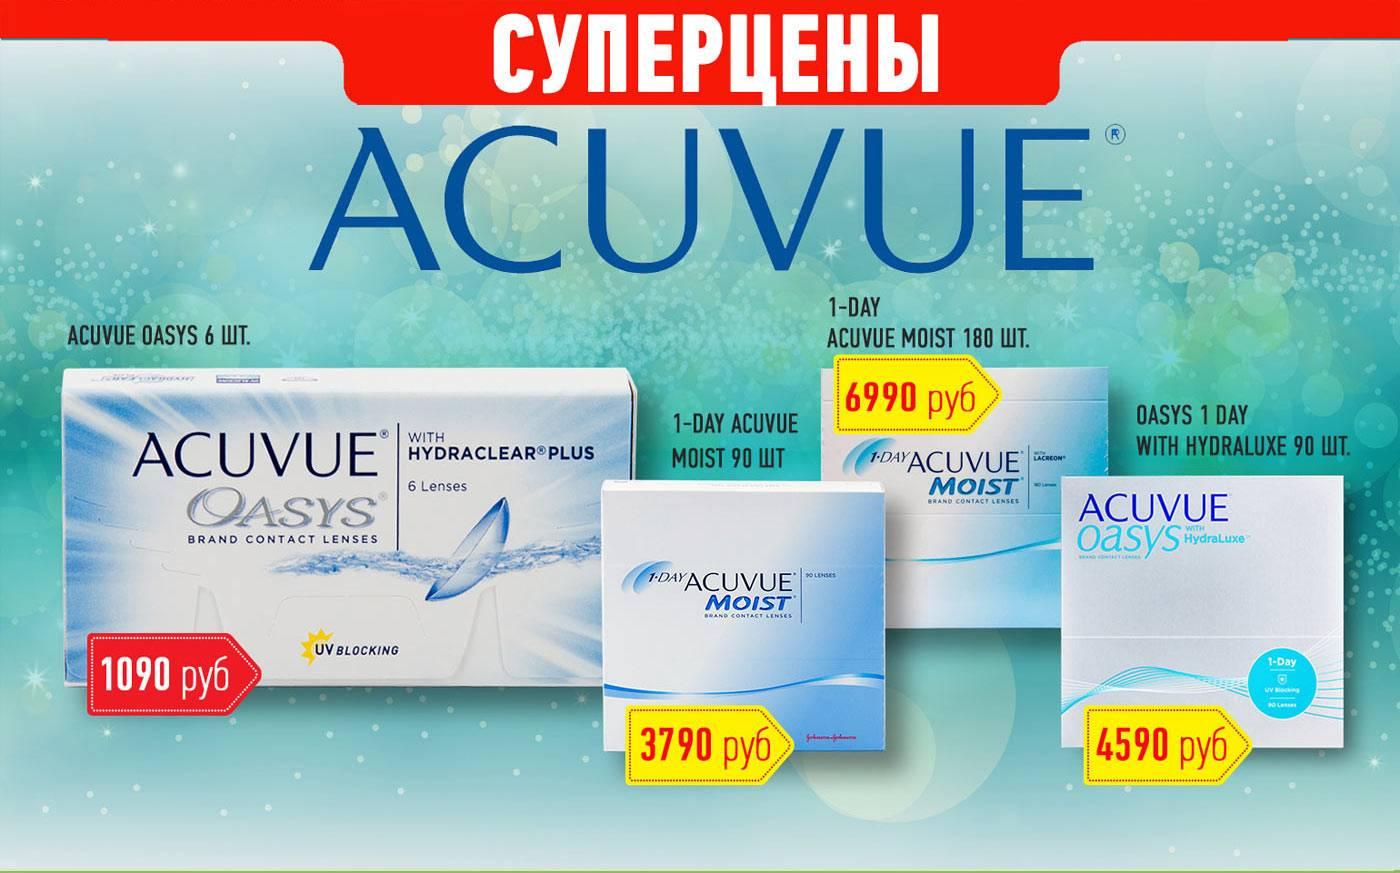 Получите сертификат на первую бесплатную пару контактных линз acuvue